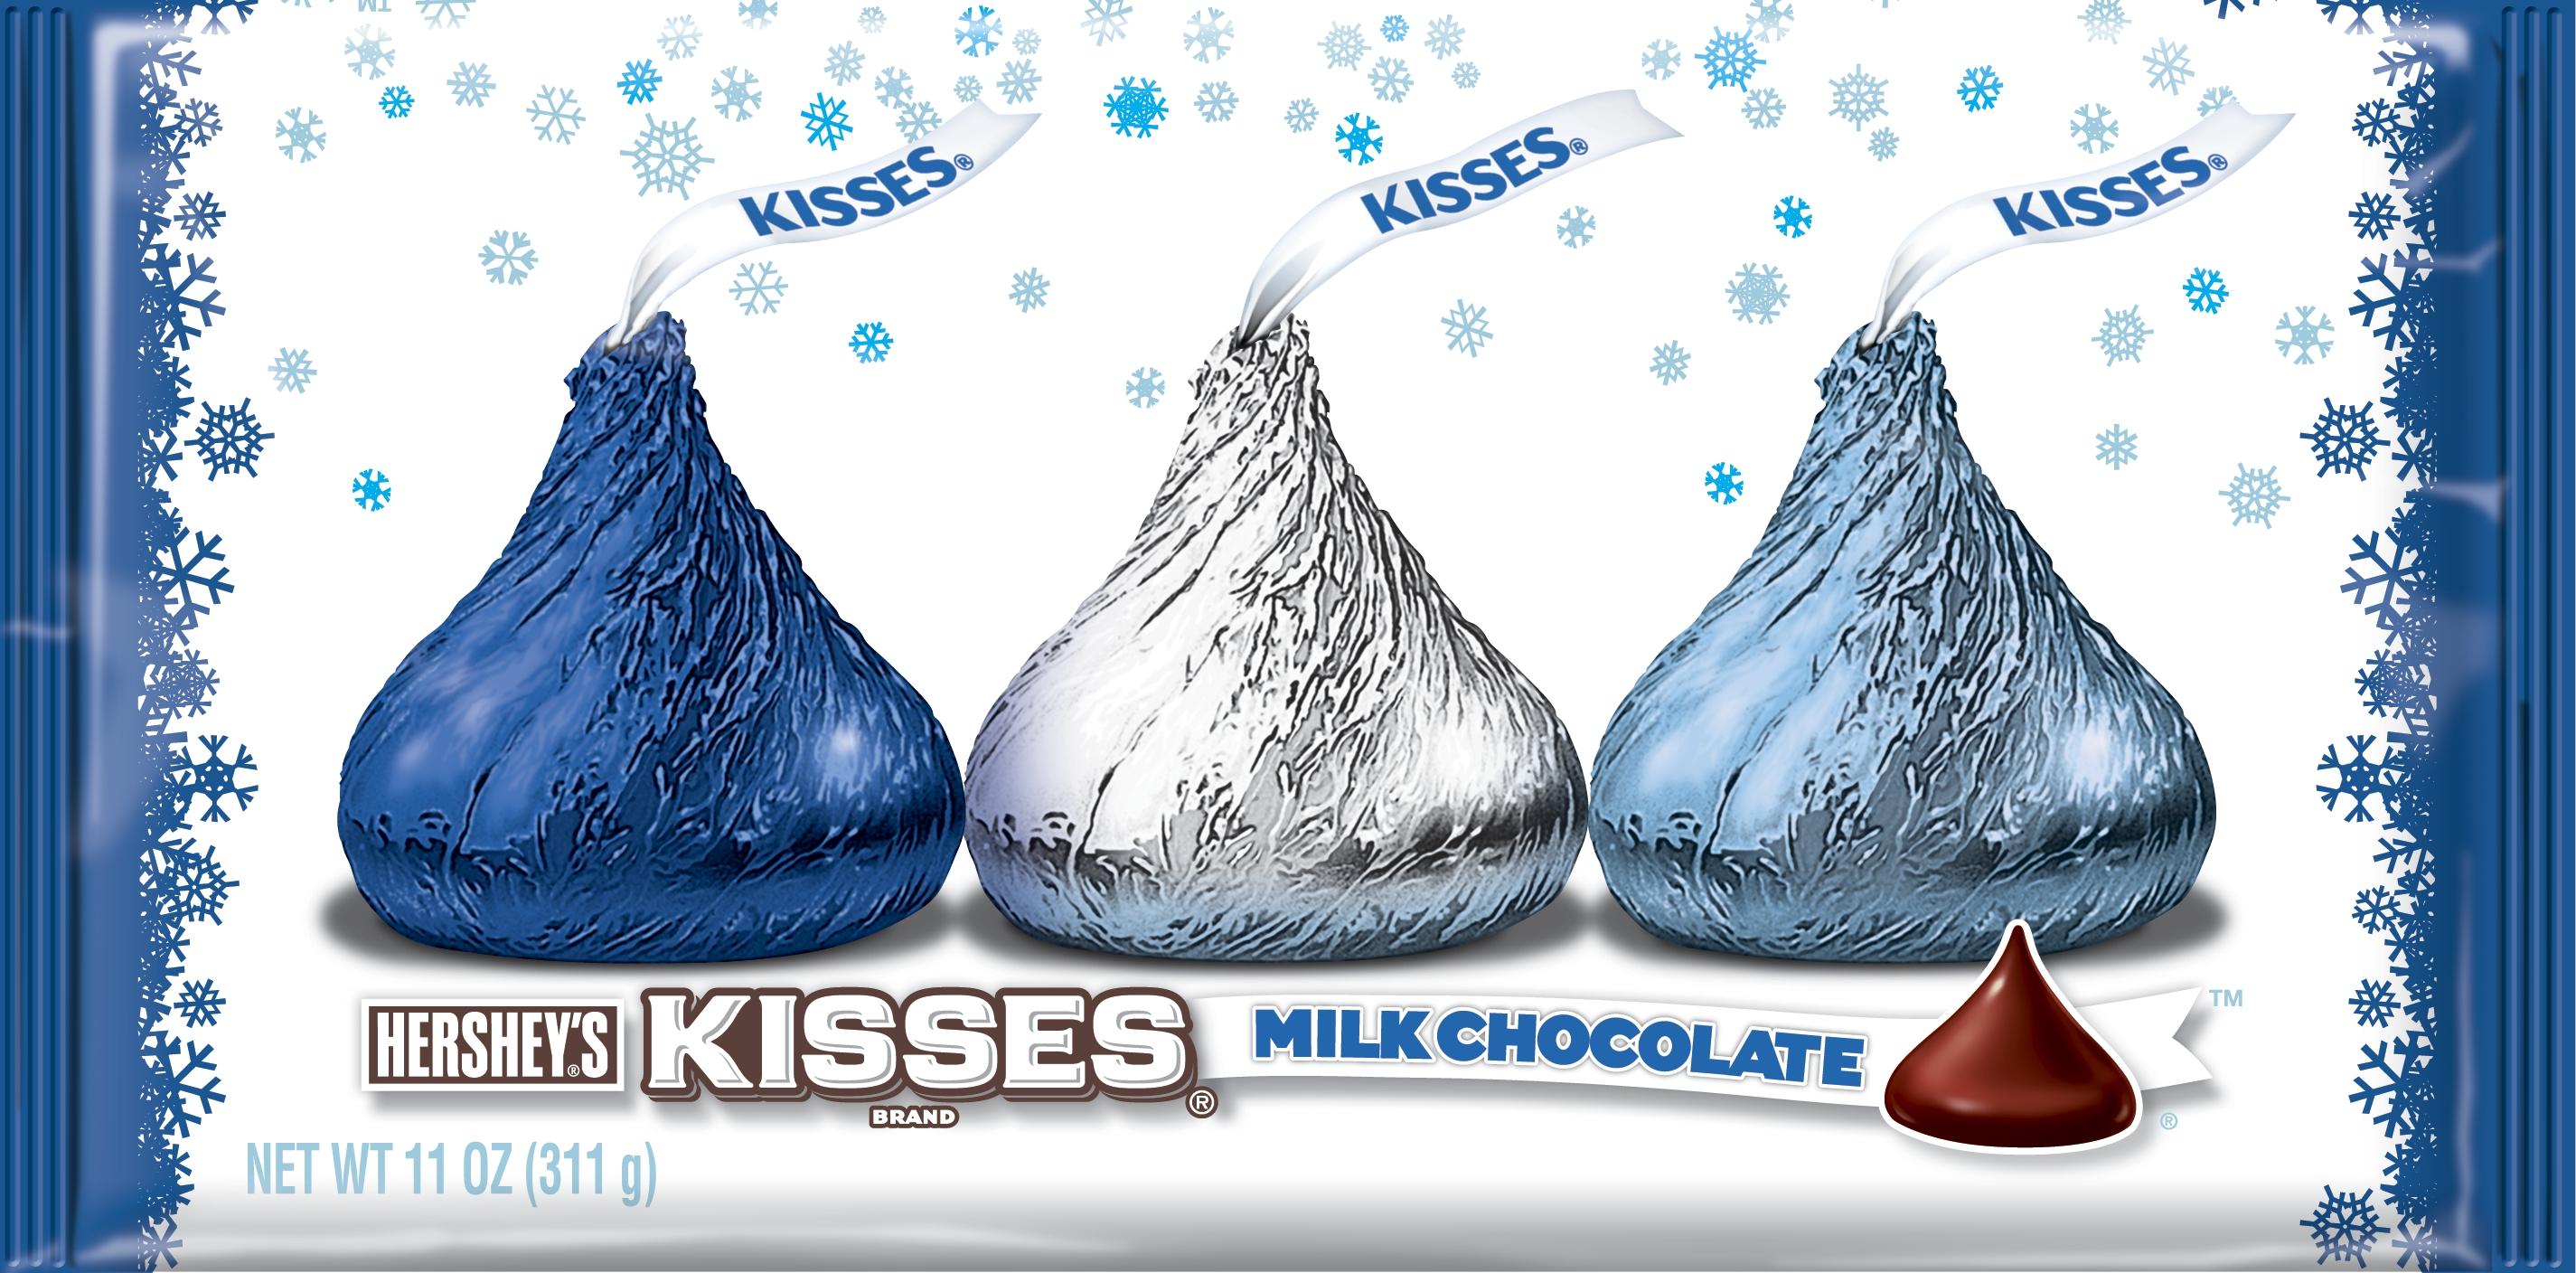 Hershey Kisses Wallpaper - WallpaperSafari